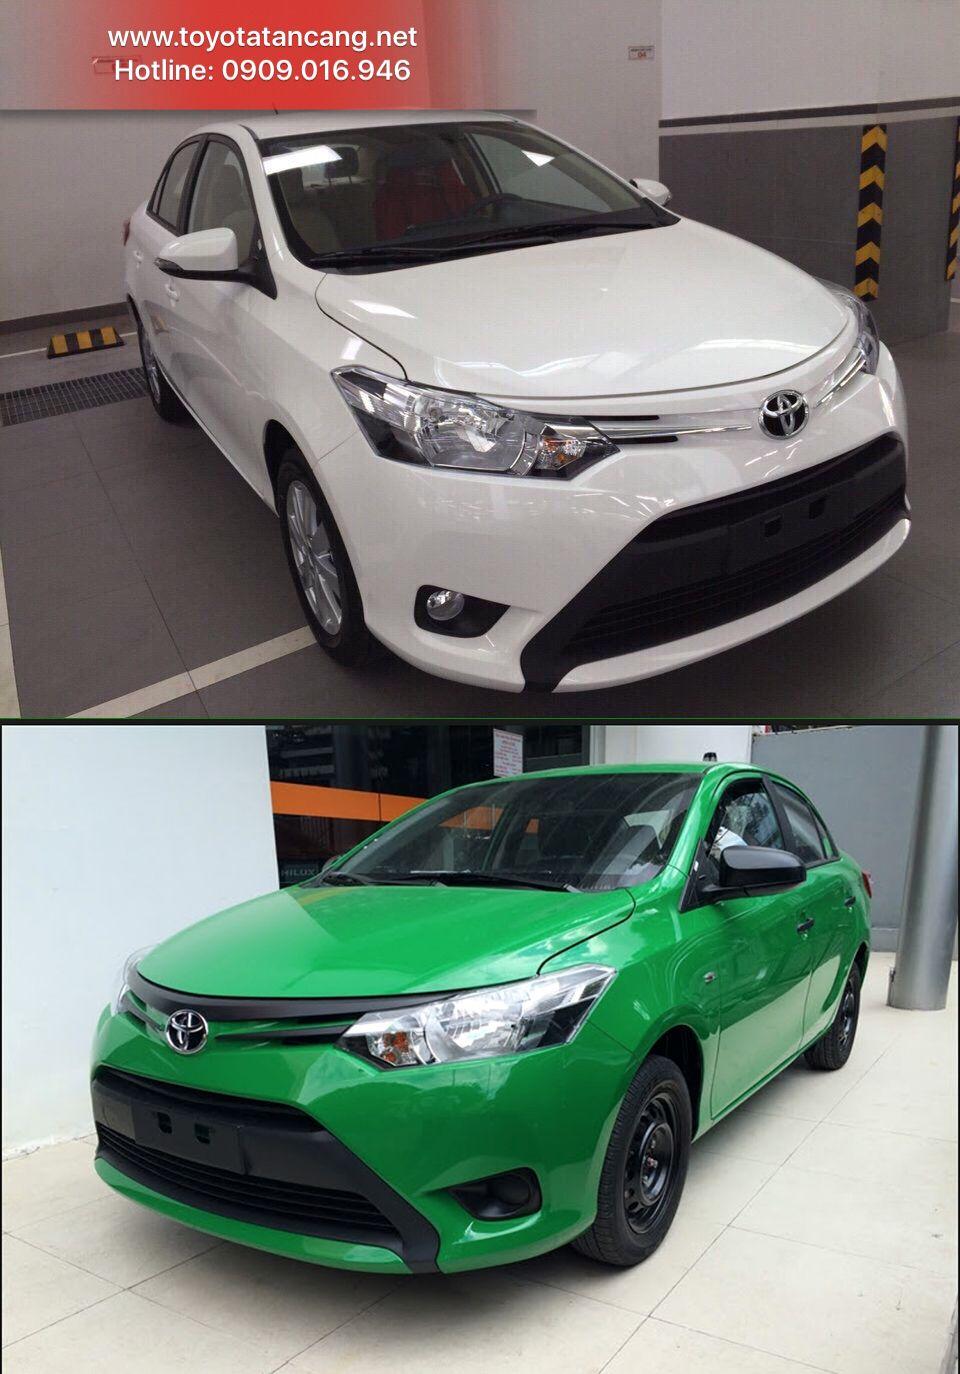 Toyota vios 2016 m u tr ng v xanh l c y